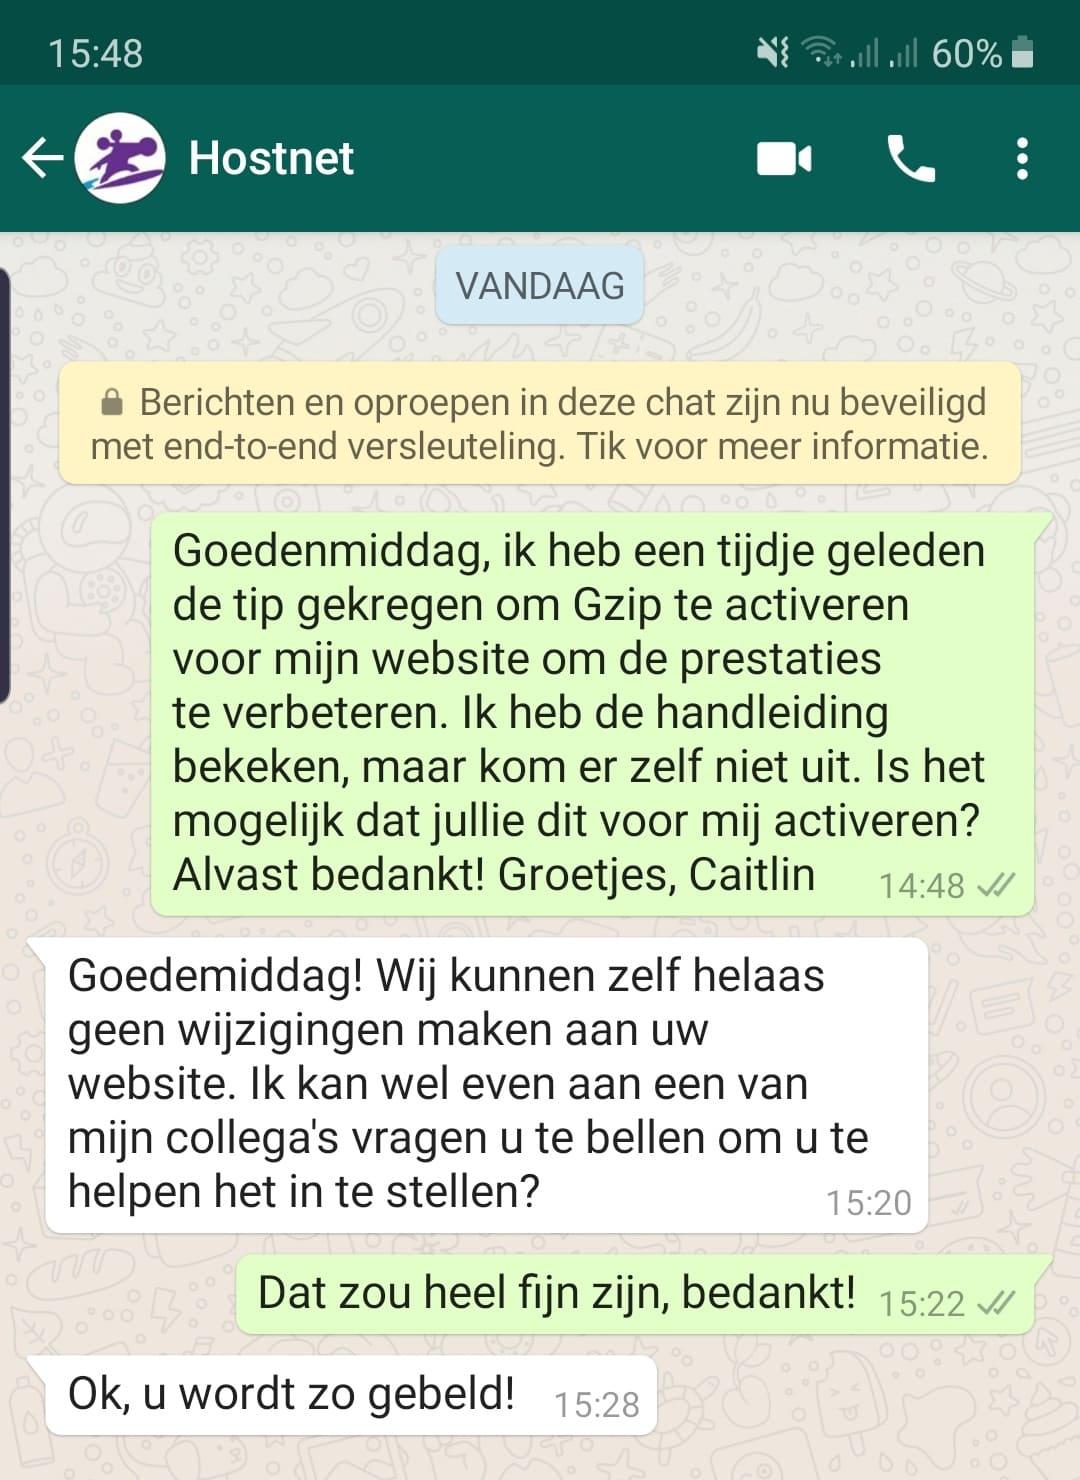 Hostnet Klantenservice WhatsApp